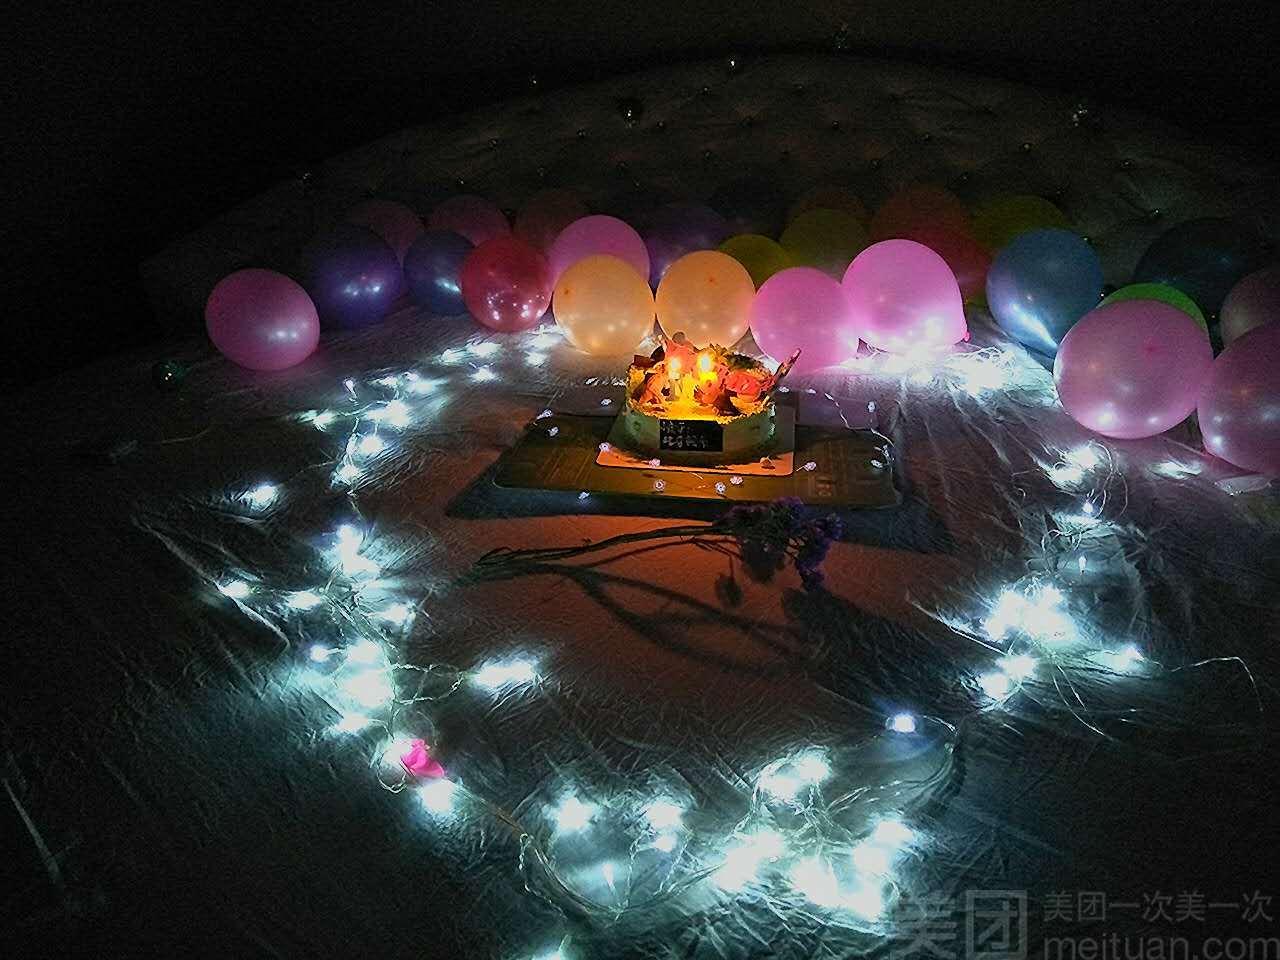 美团网:长沙今日电影团购:【诗影TaTa私幕主题床吧影吧】晚晚场电影(预订通宵)